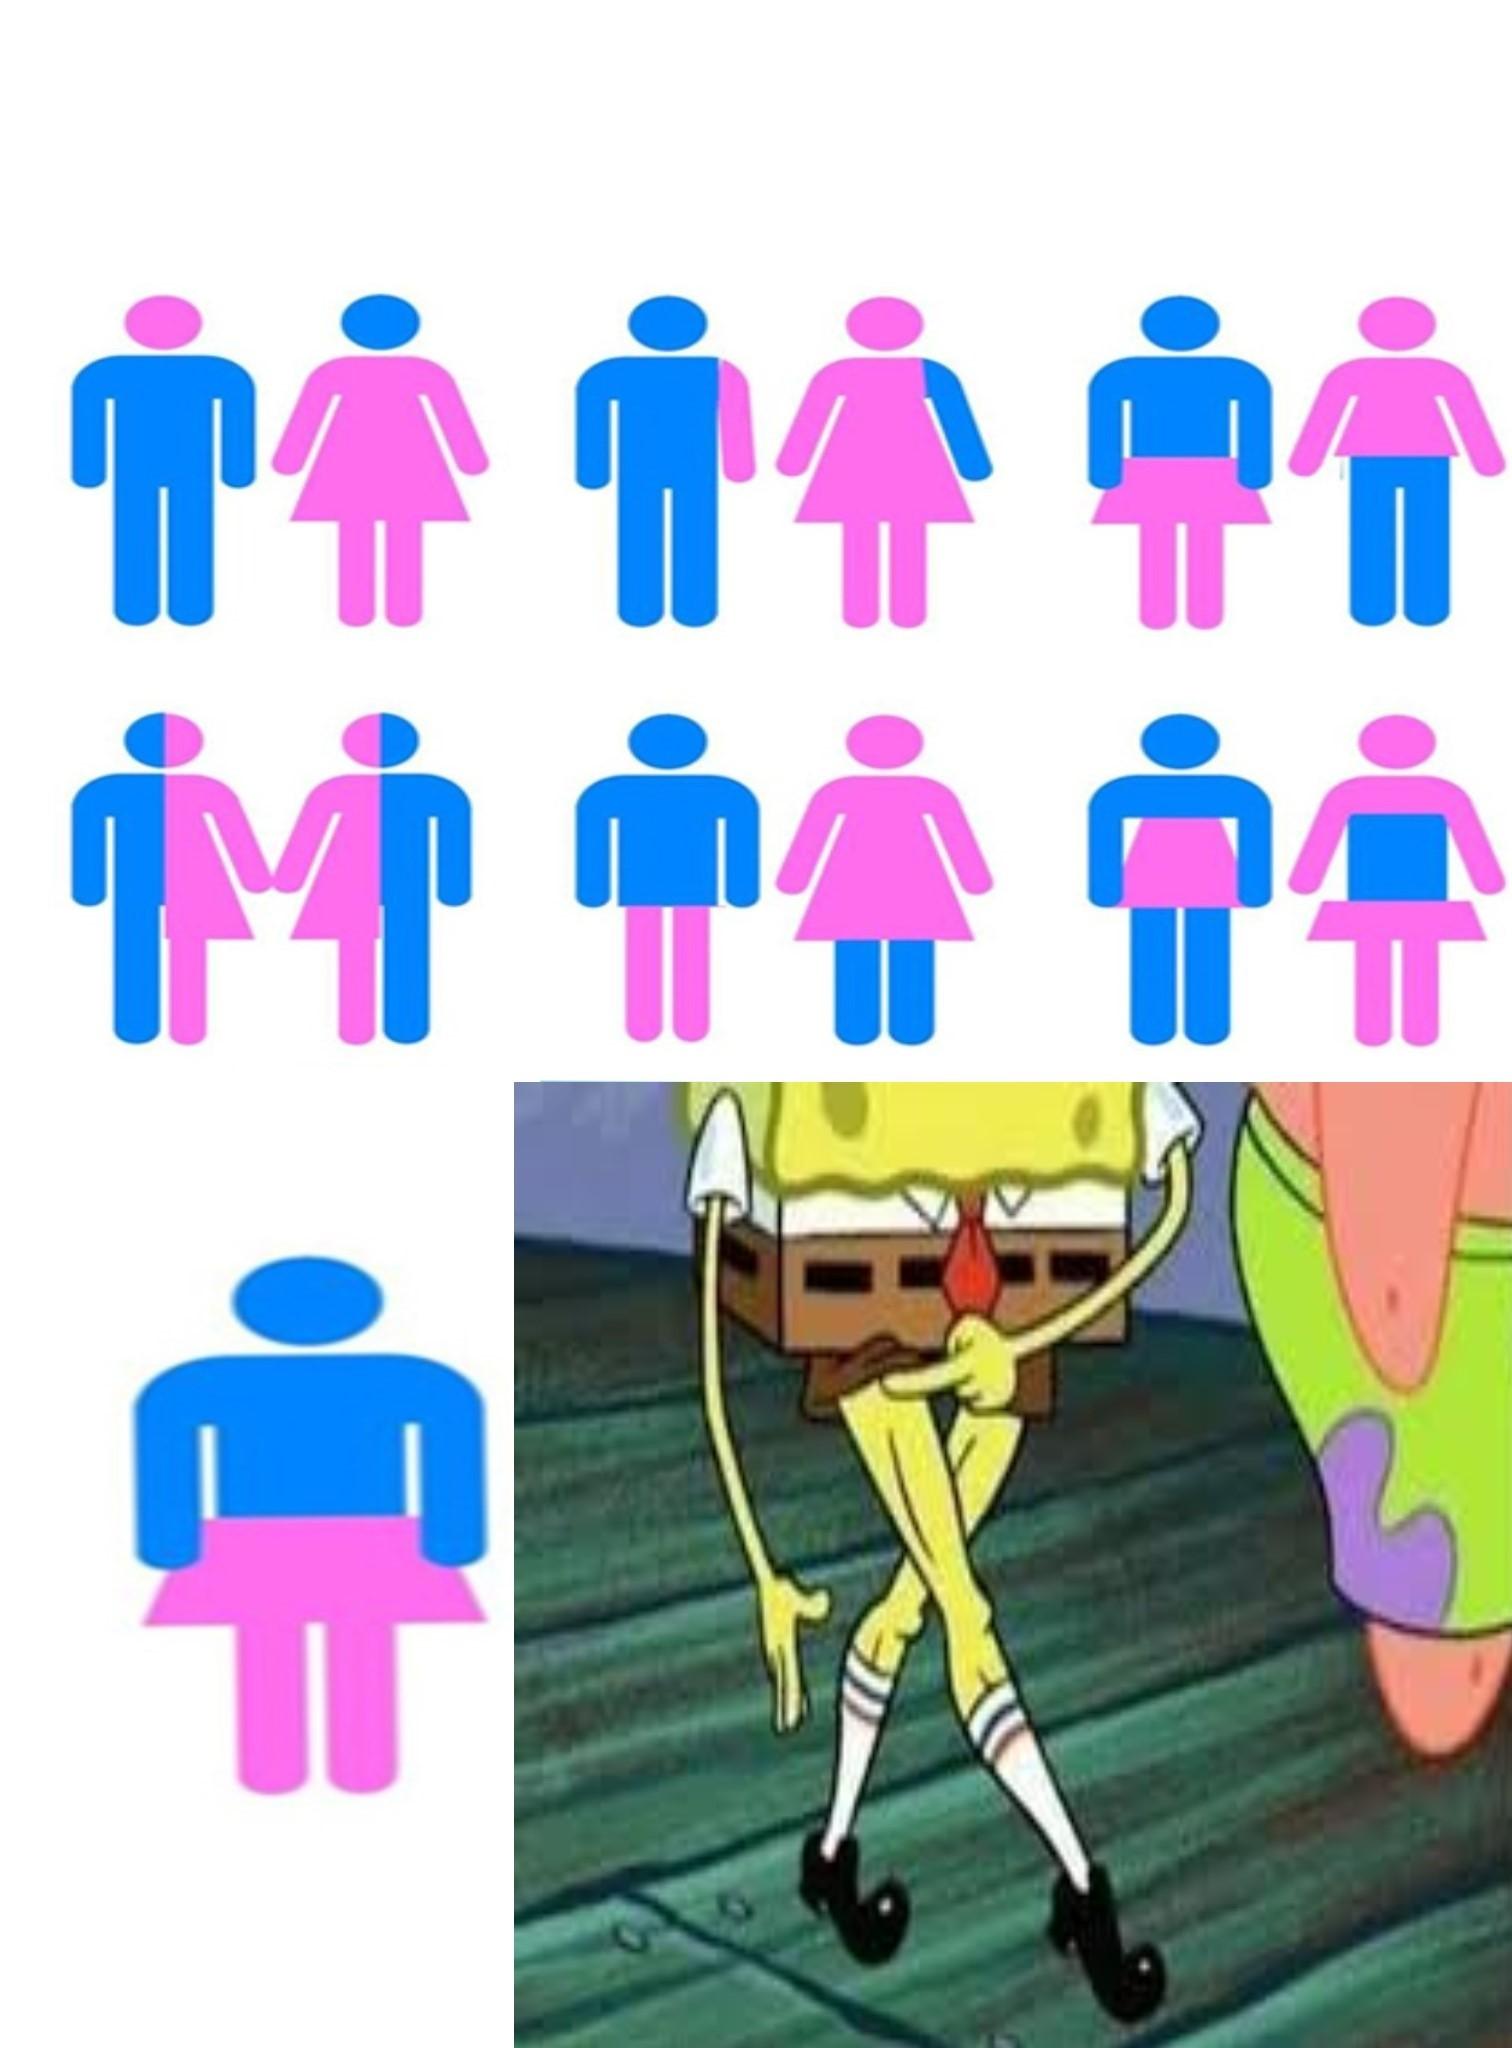 uuuuummm patas - meme